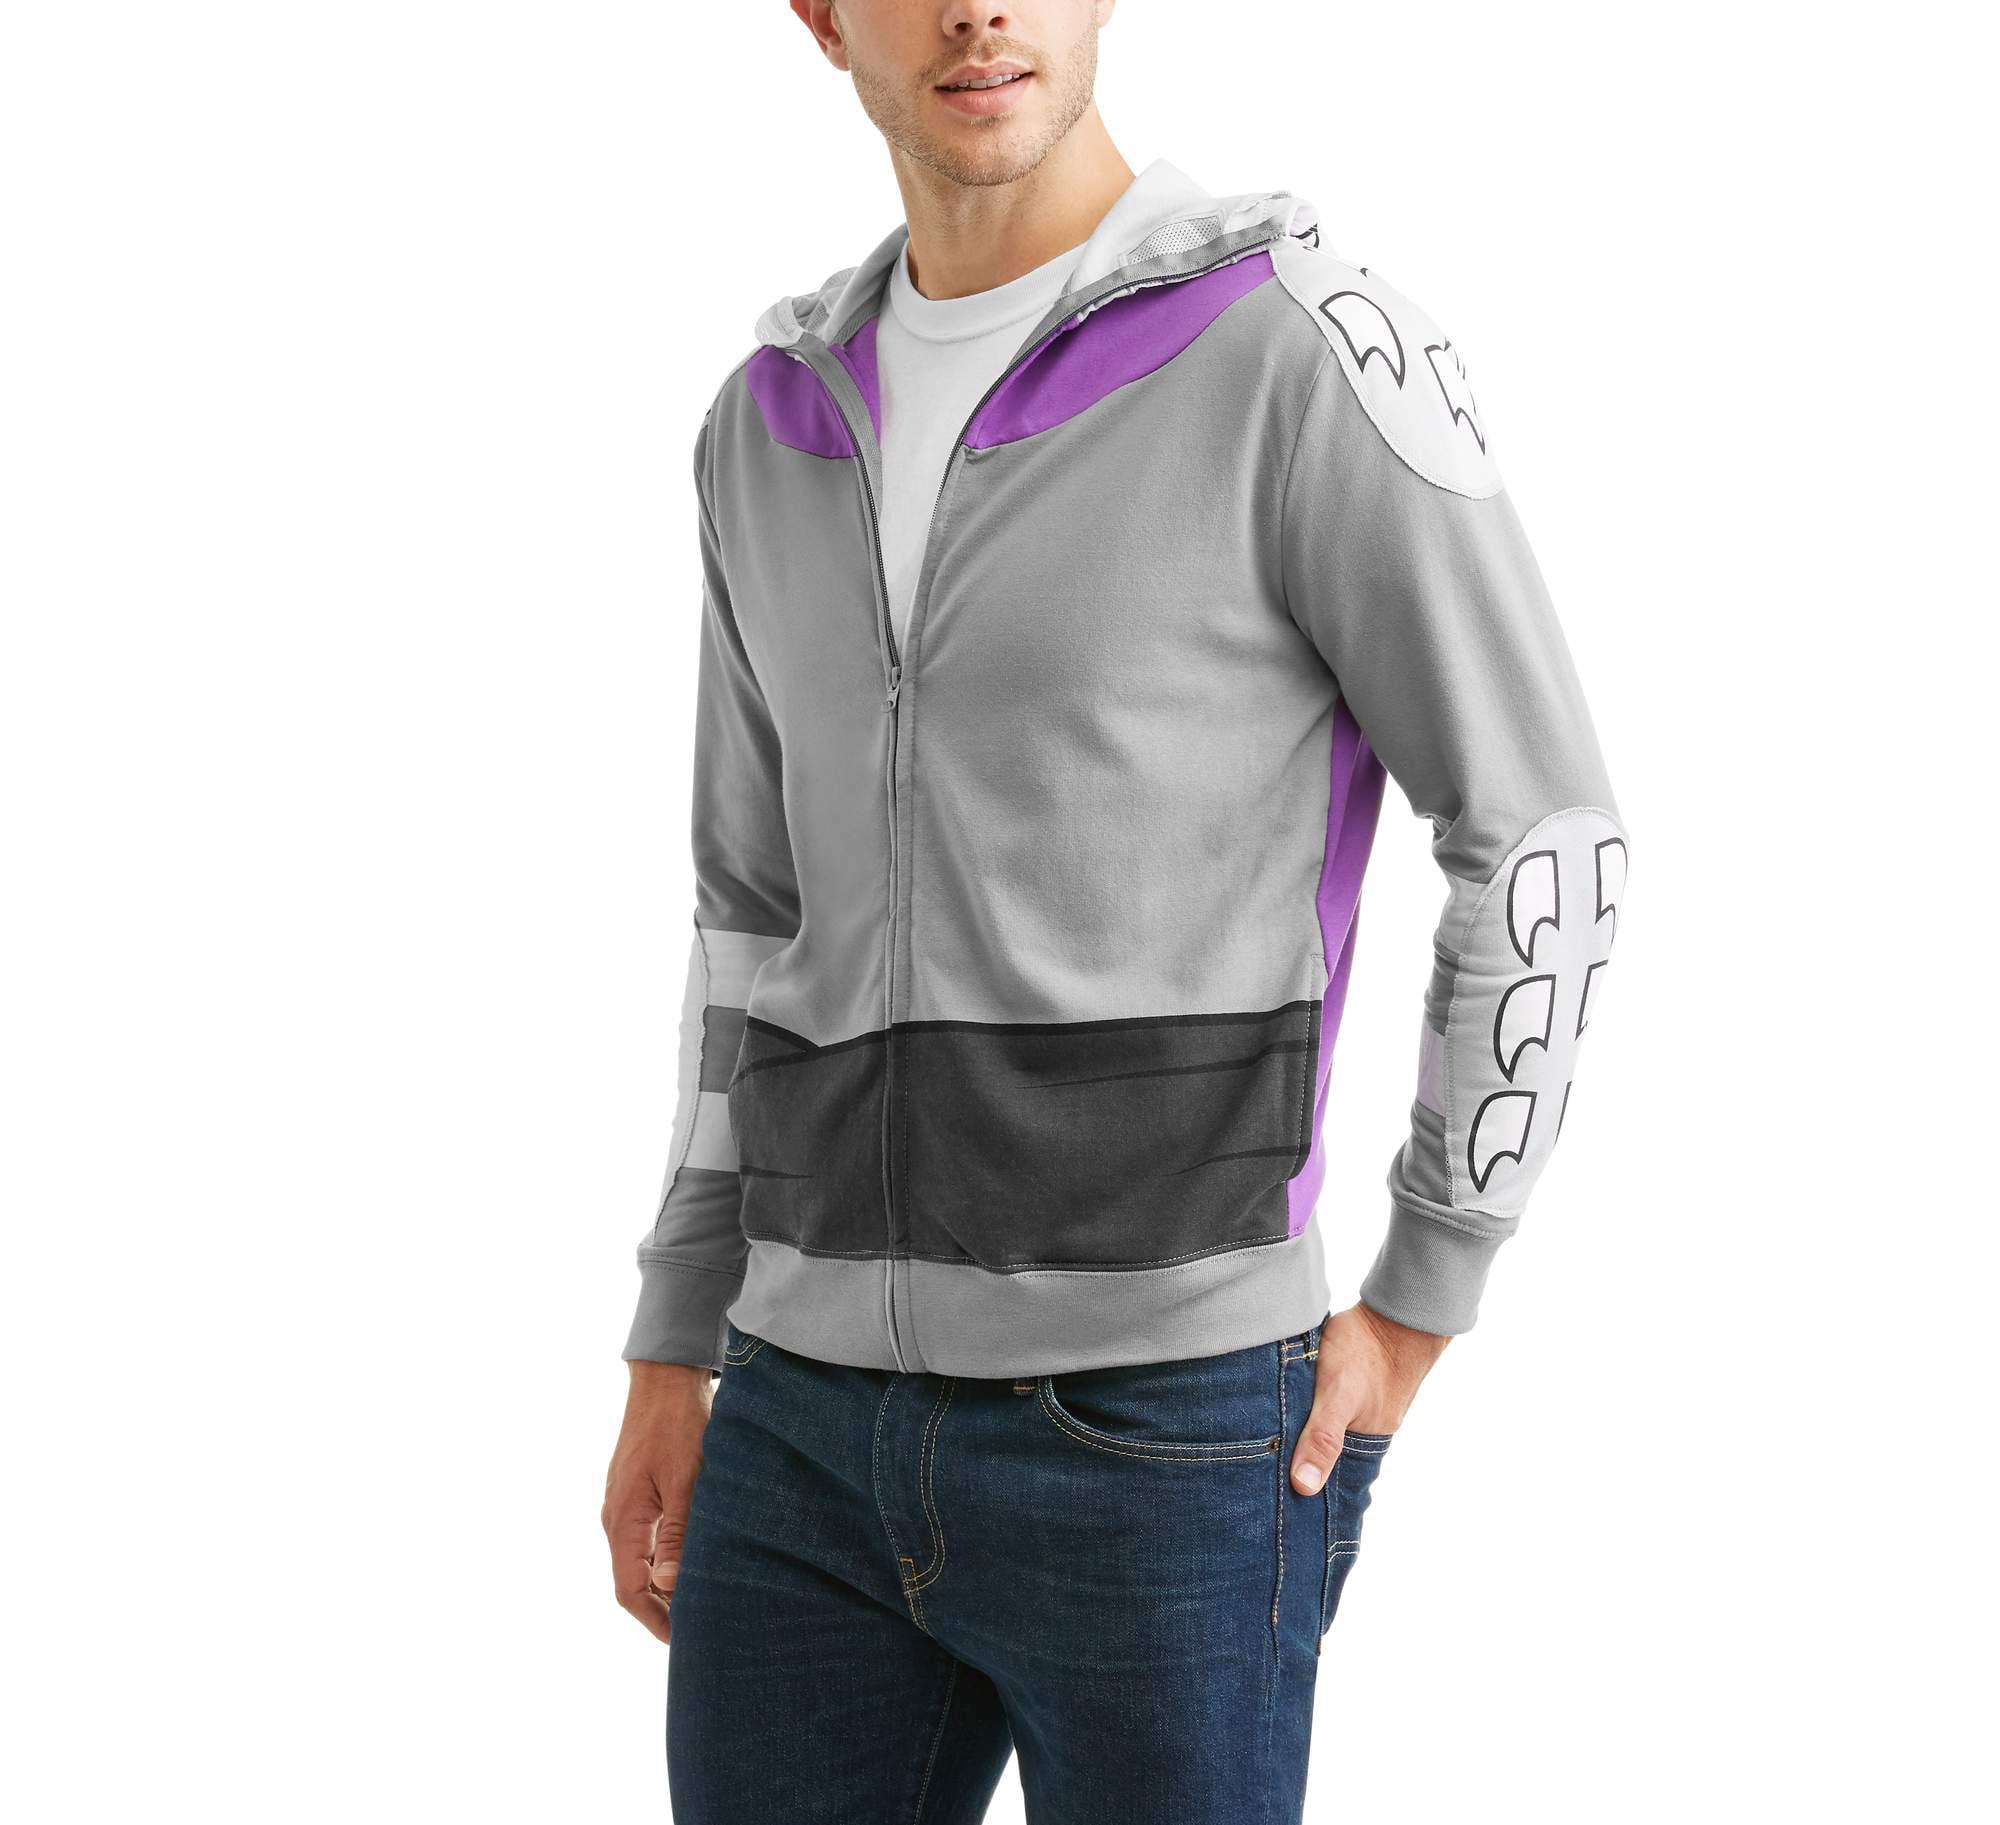 Adult Men/'s TMNT Teenage Mutant Ninja Turtles Shredder Zip-Up Hoodie Sweatshirt